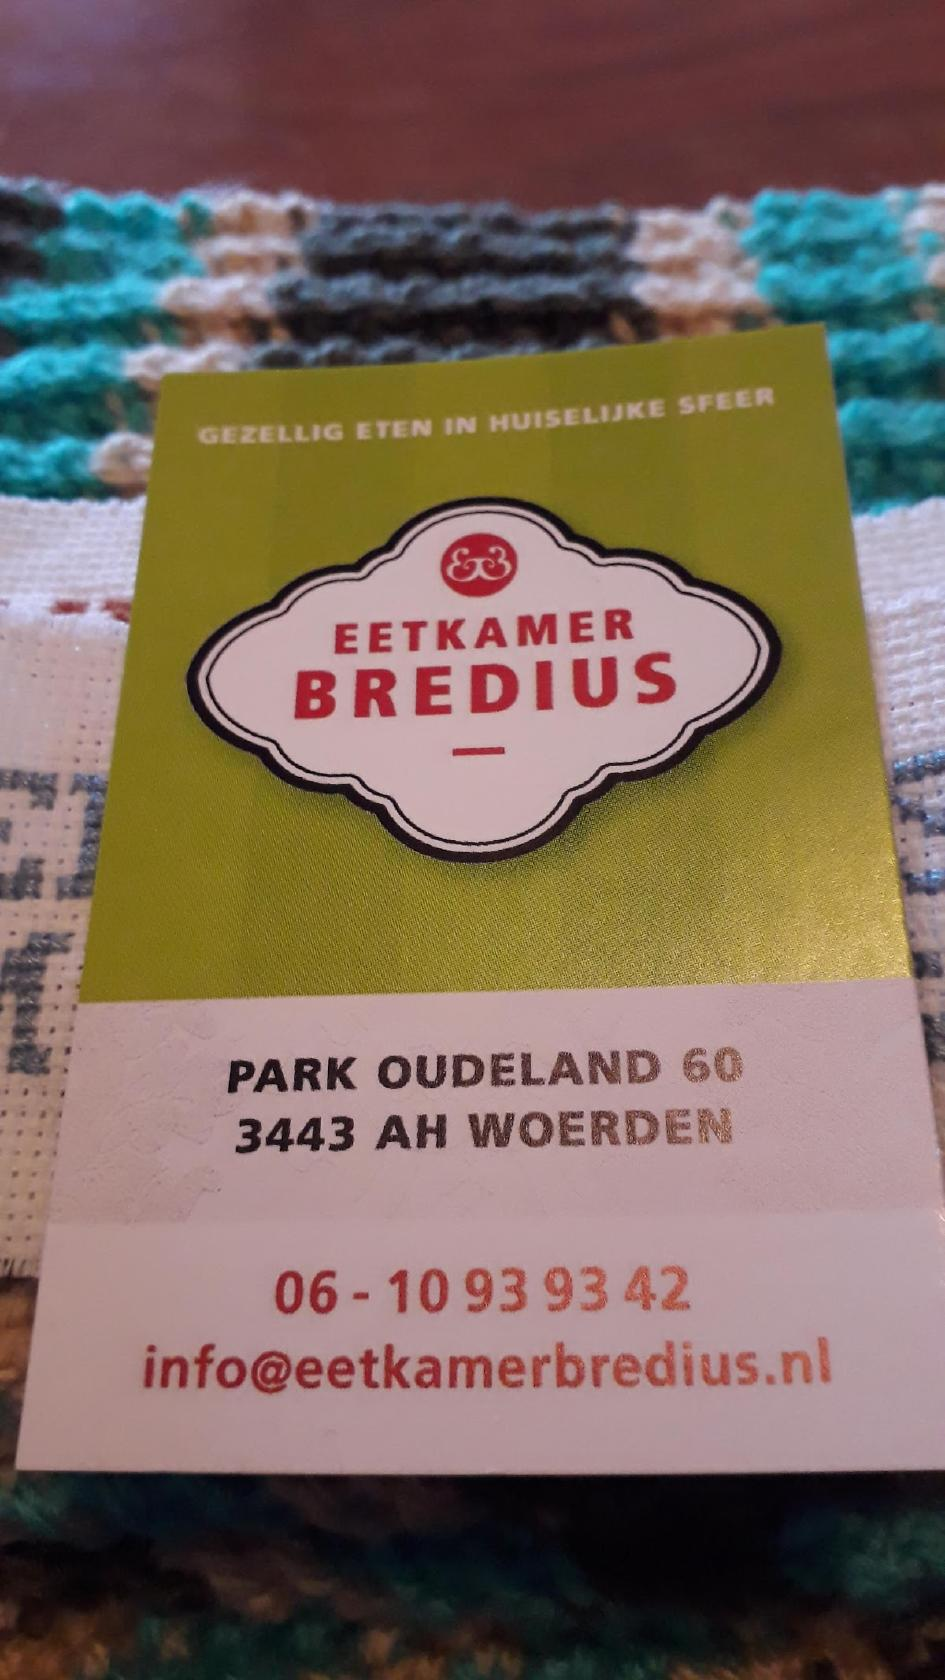 Eetkamer Bredius Woerden Restaurant Reviews